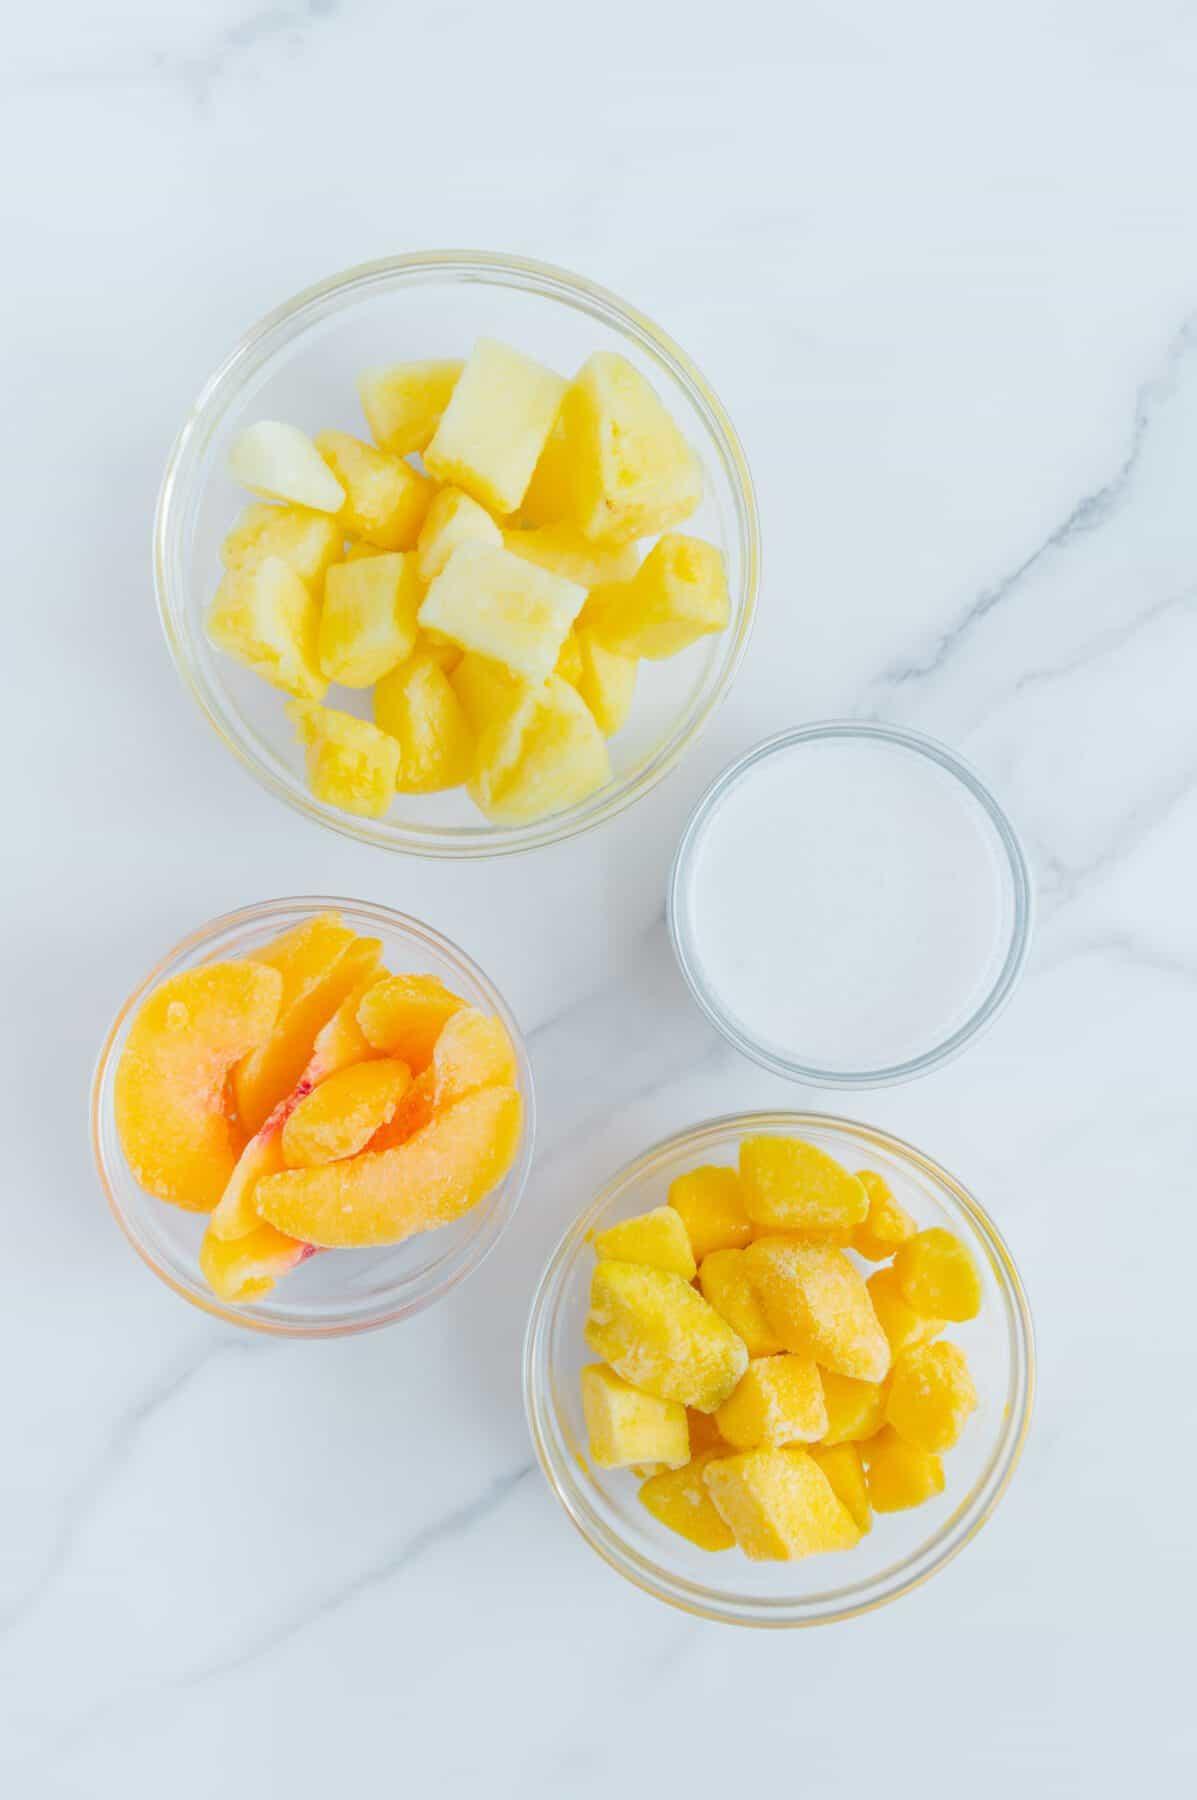 Easy Tropical Sorbet Ingredients